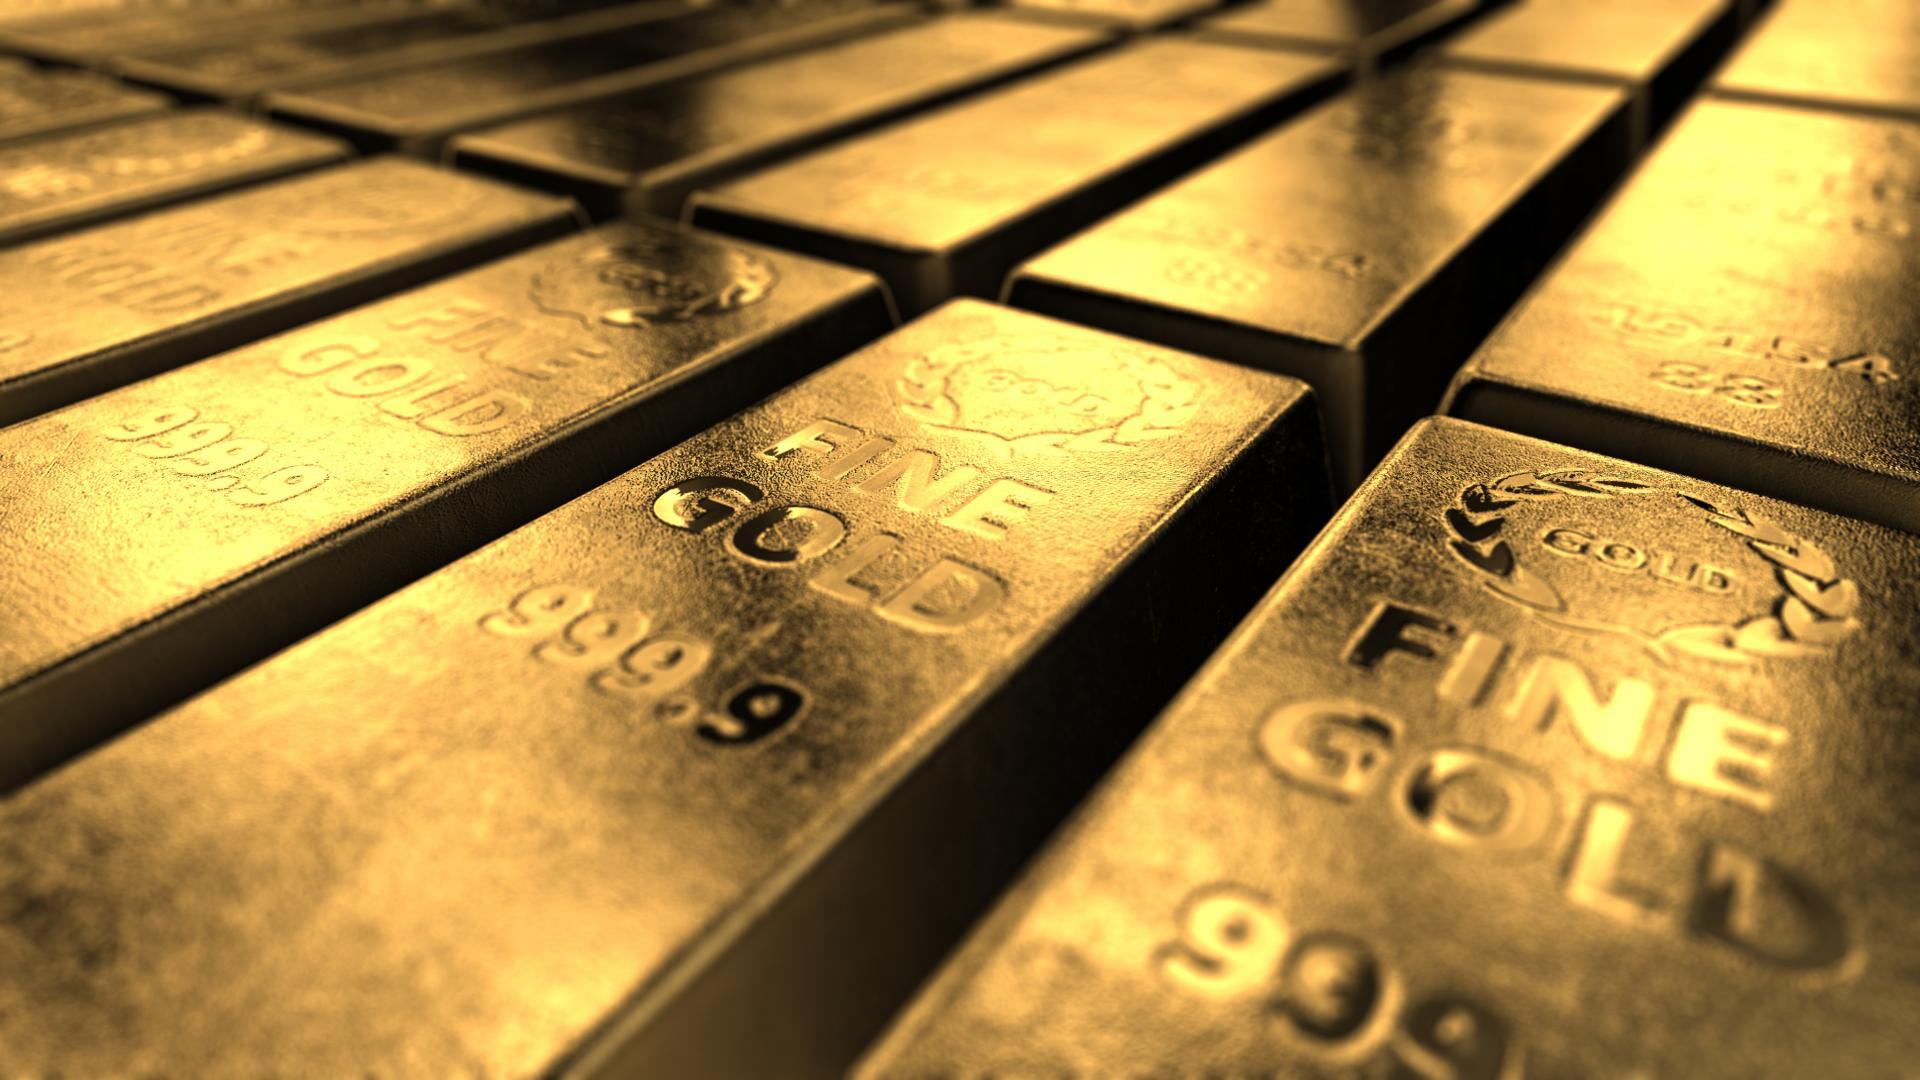 Cena zlata se bliža zgodovinskemu rekordu